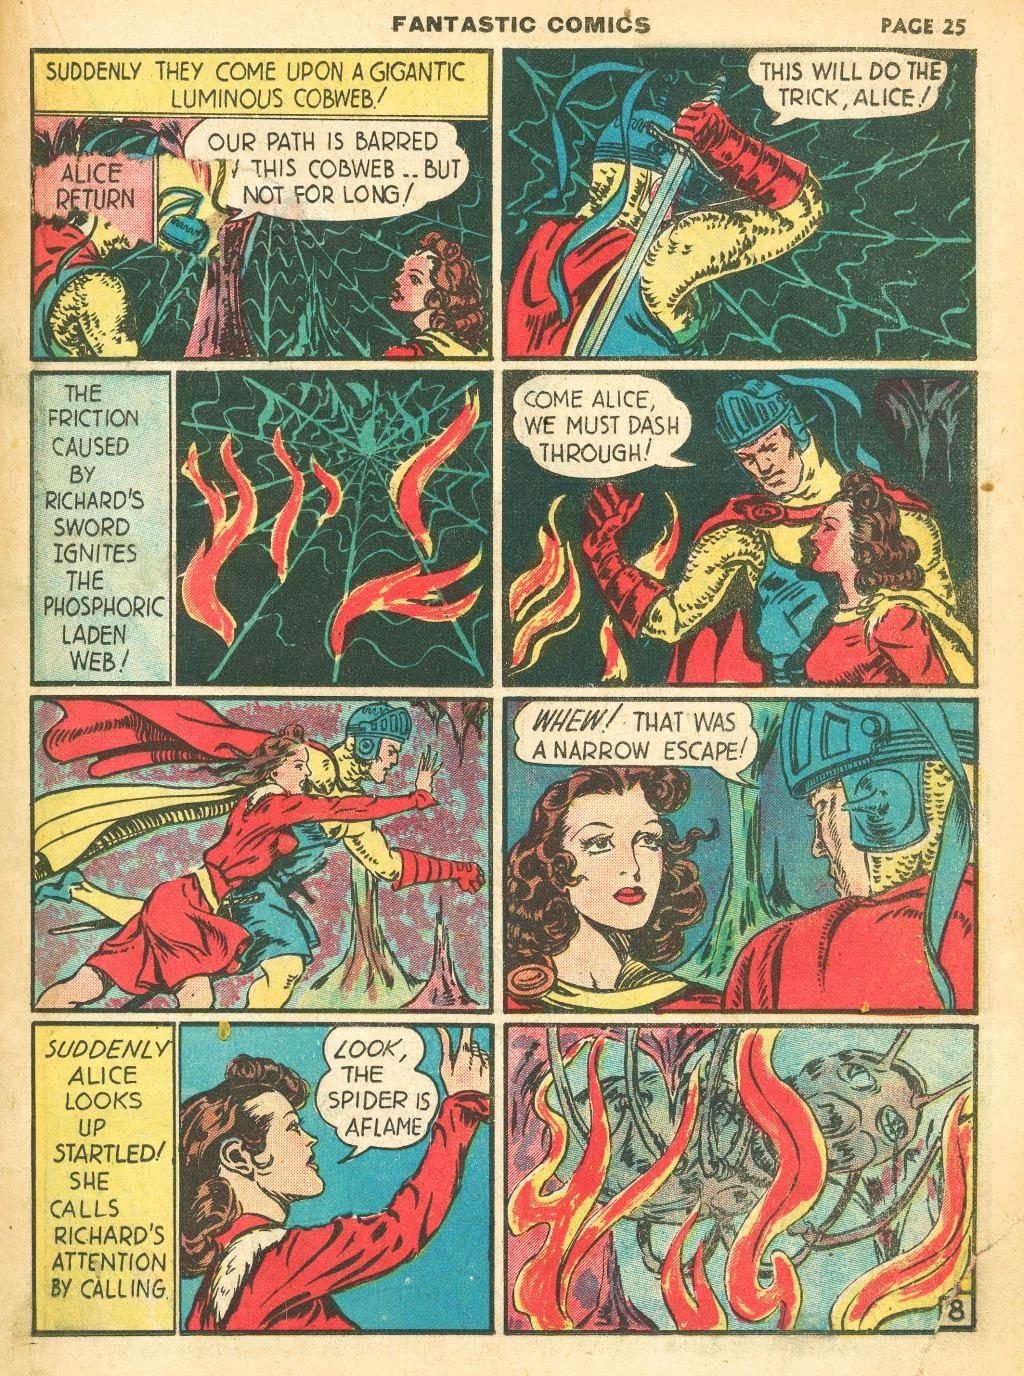 Read online Fantastic Comics comic -  Issue #12 - 27